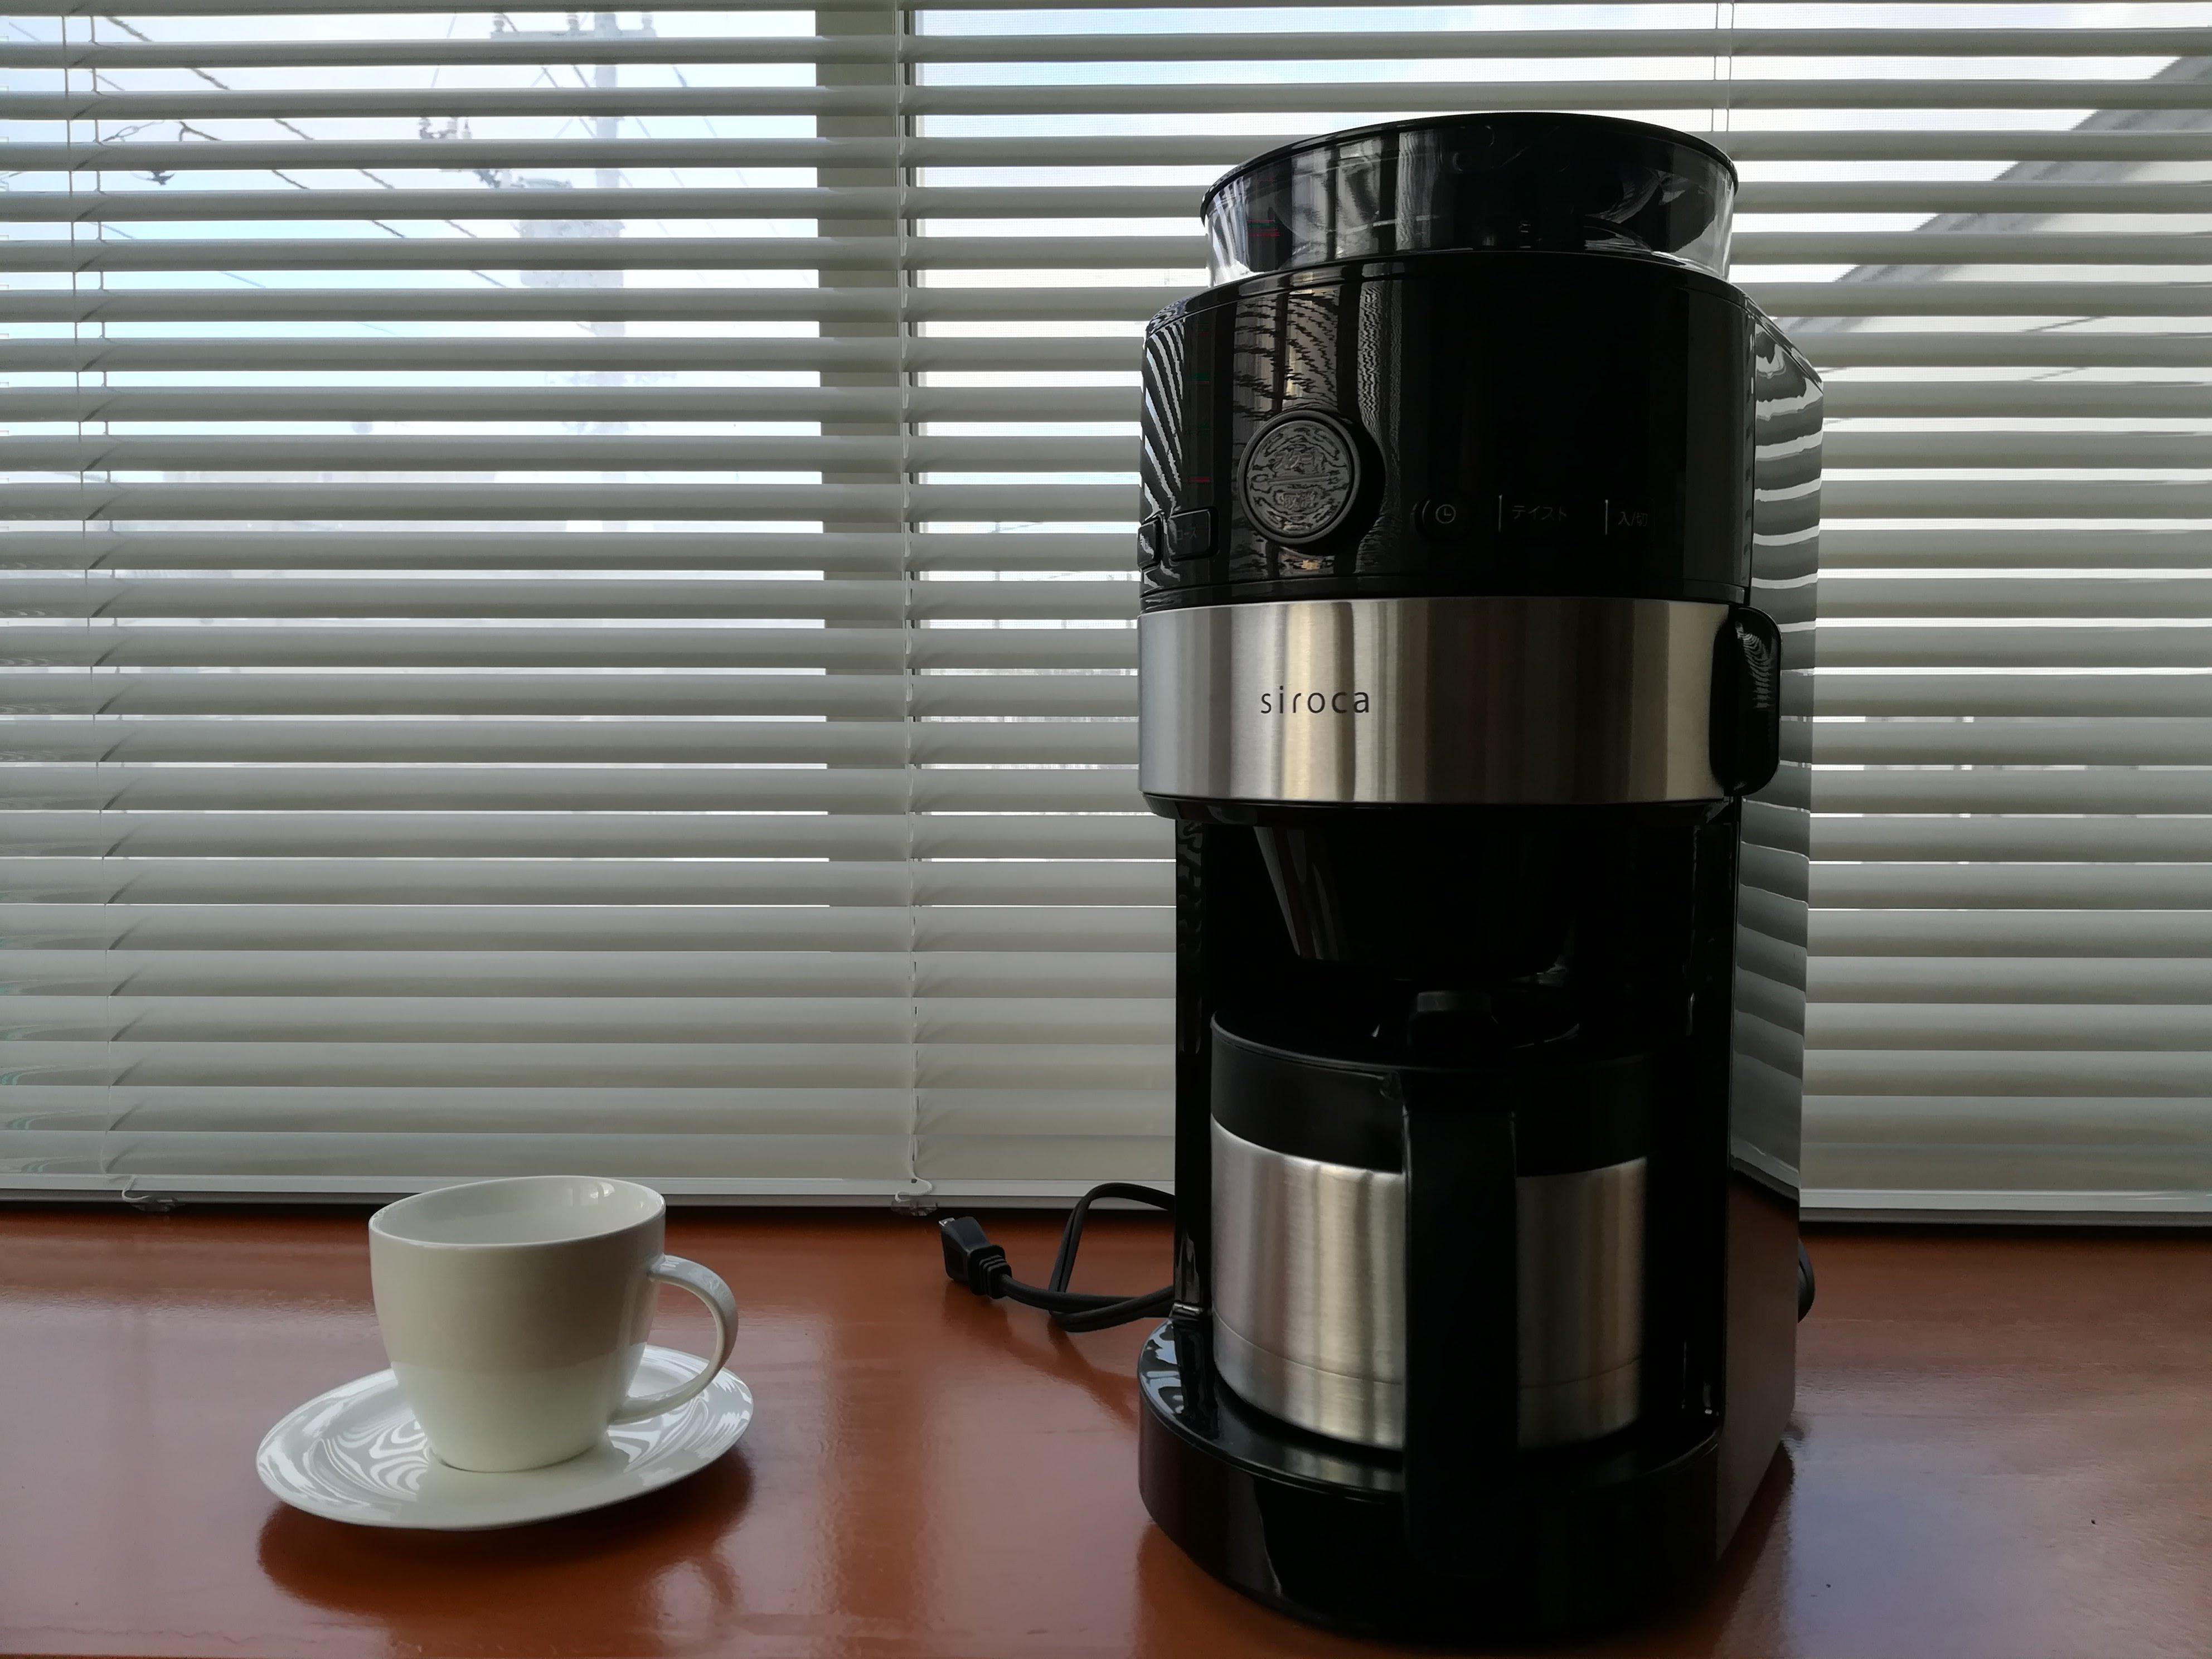 siroca コーヒーメーカー SC-C122